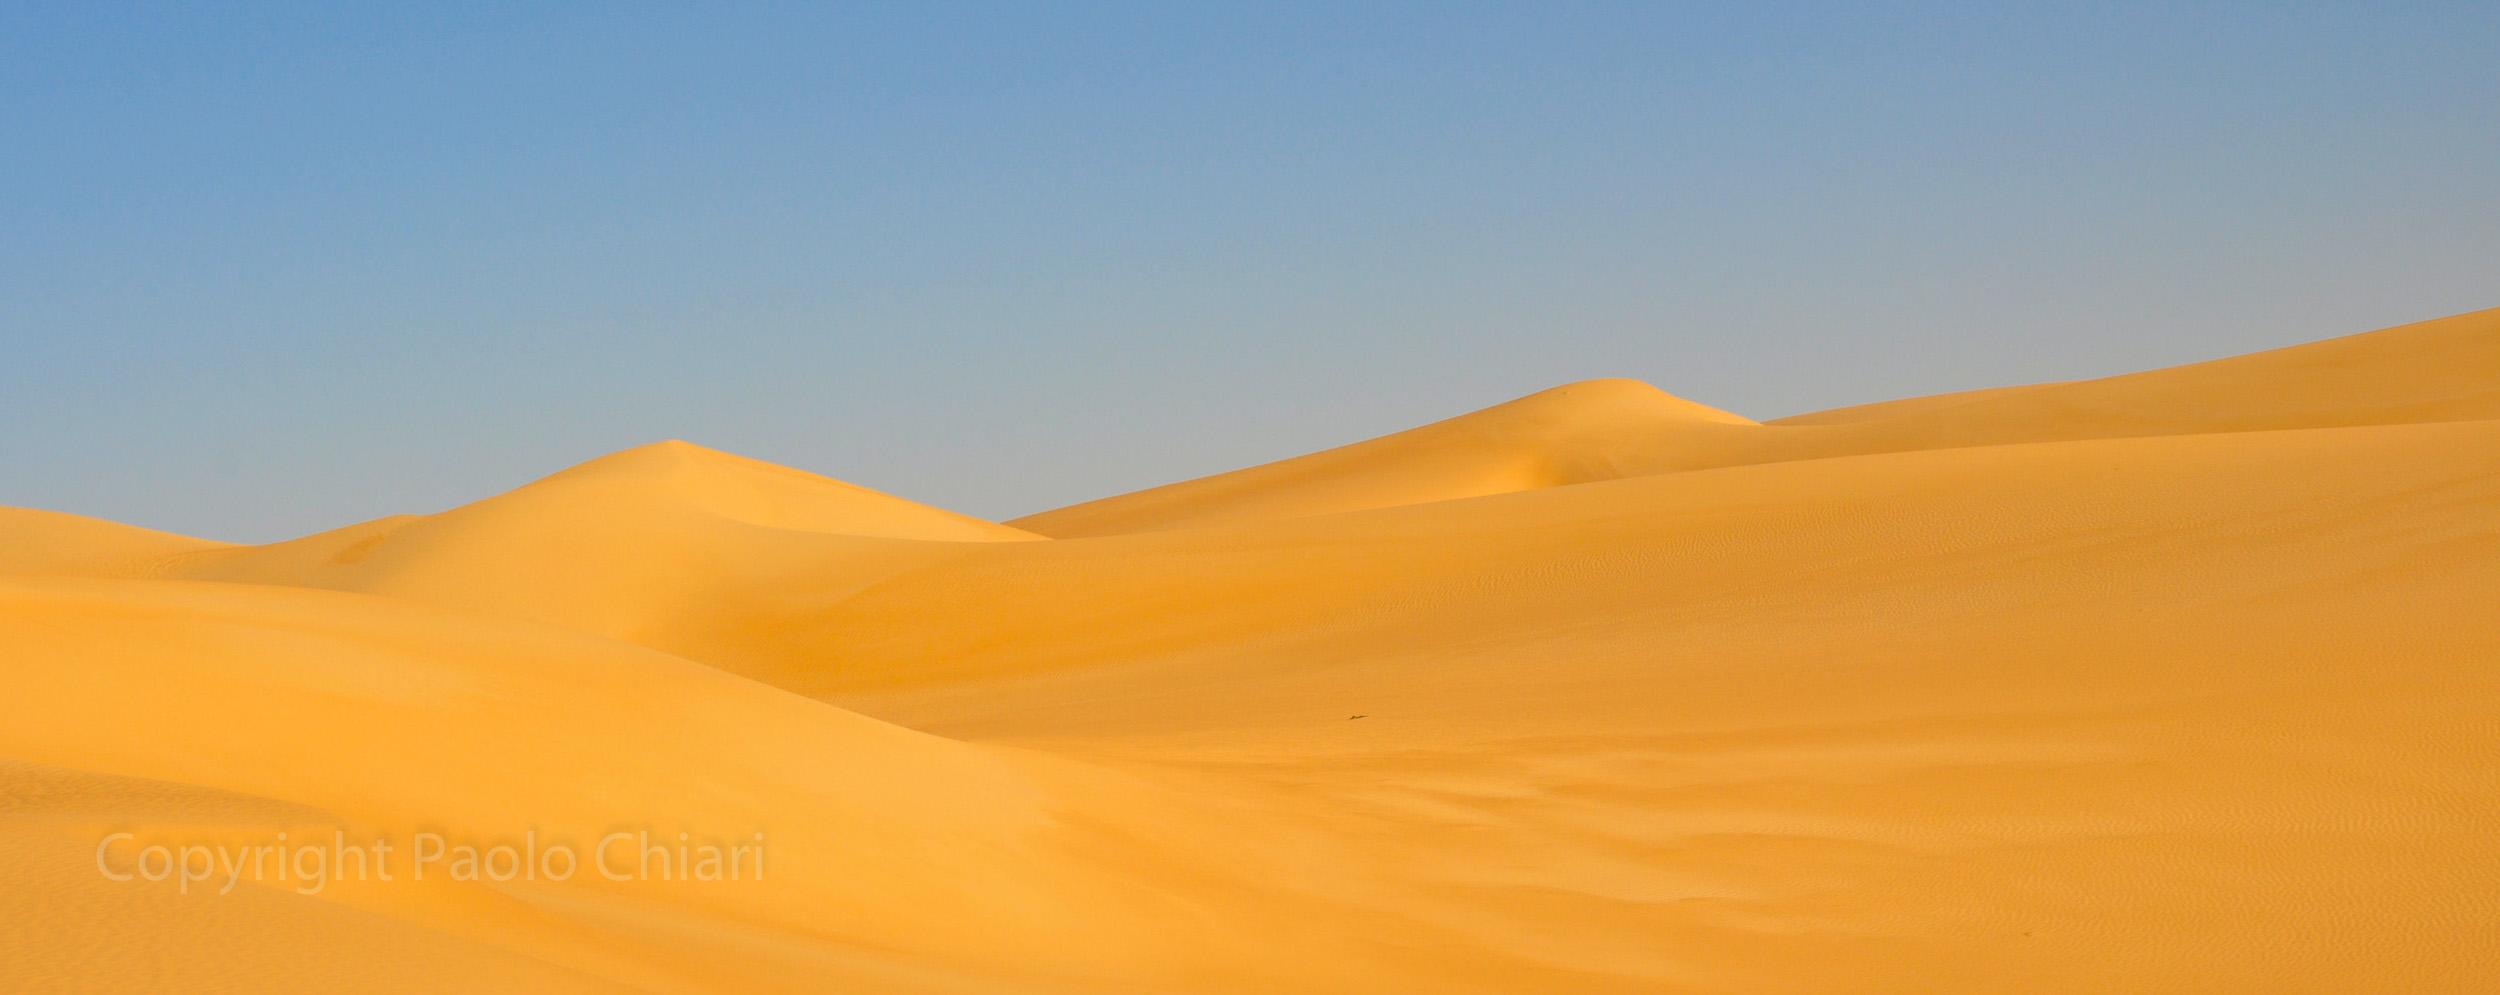 libia2010a_650